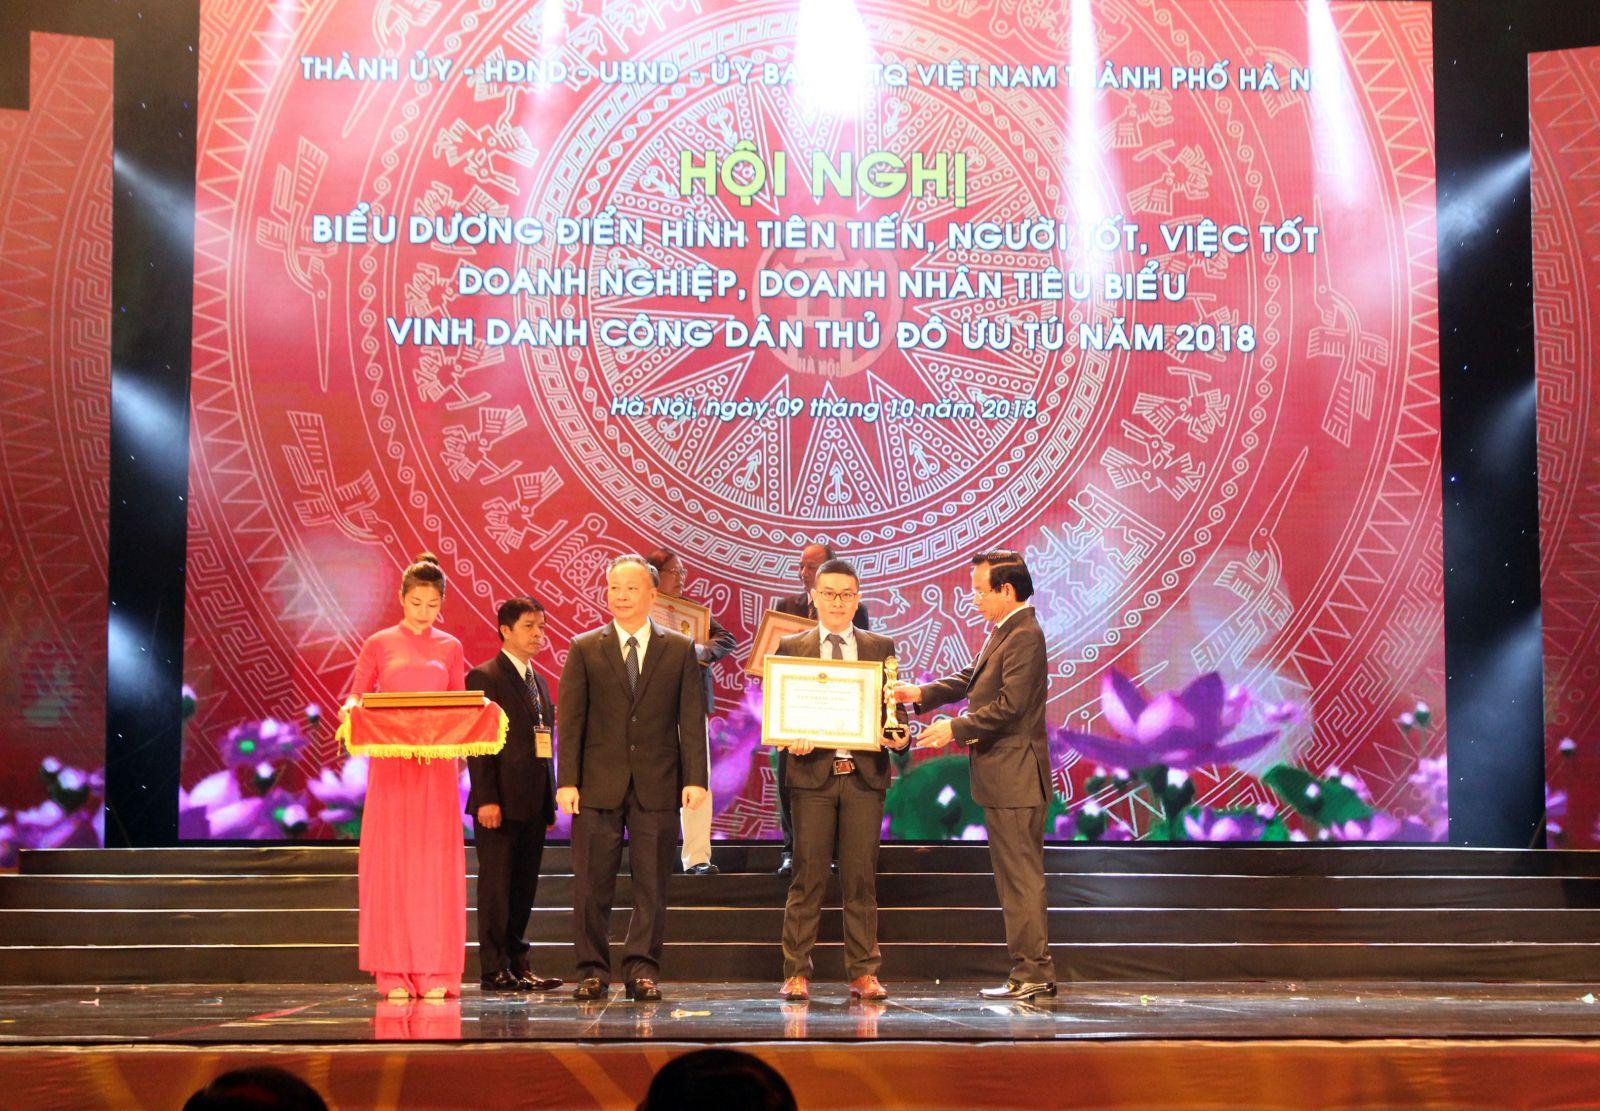 Tân Á Đại Thành vinh dự được trao tặng Cúp Thăng Long 2018